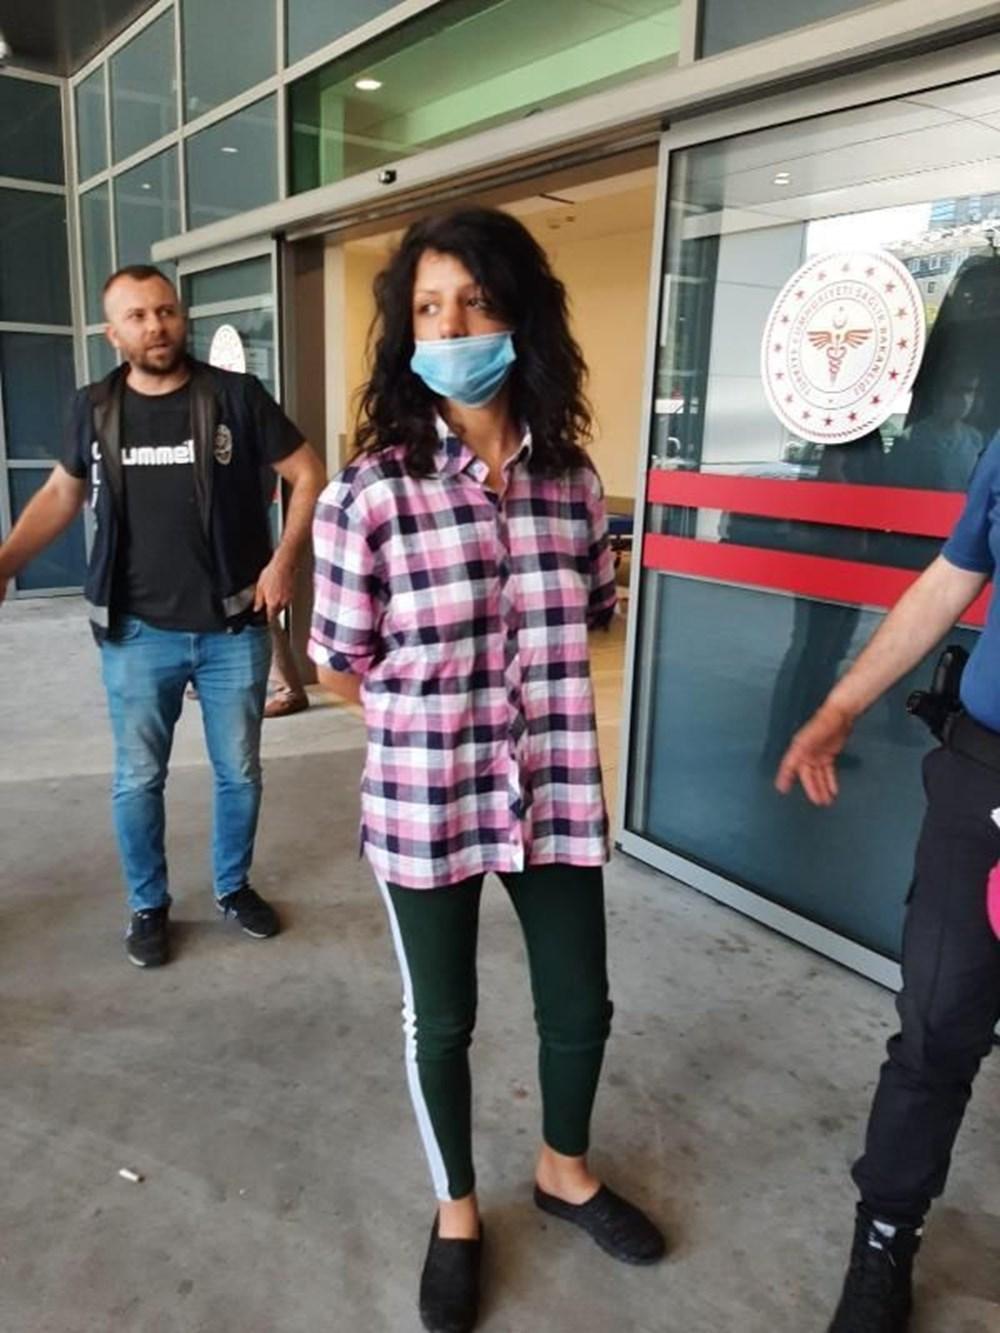 Şişli'de hastaneden bebek kaçırmaya çalıştı: Kendi bebeğime benzettim - 7